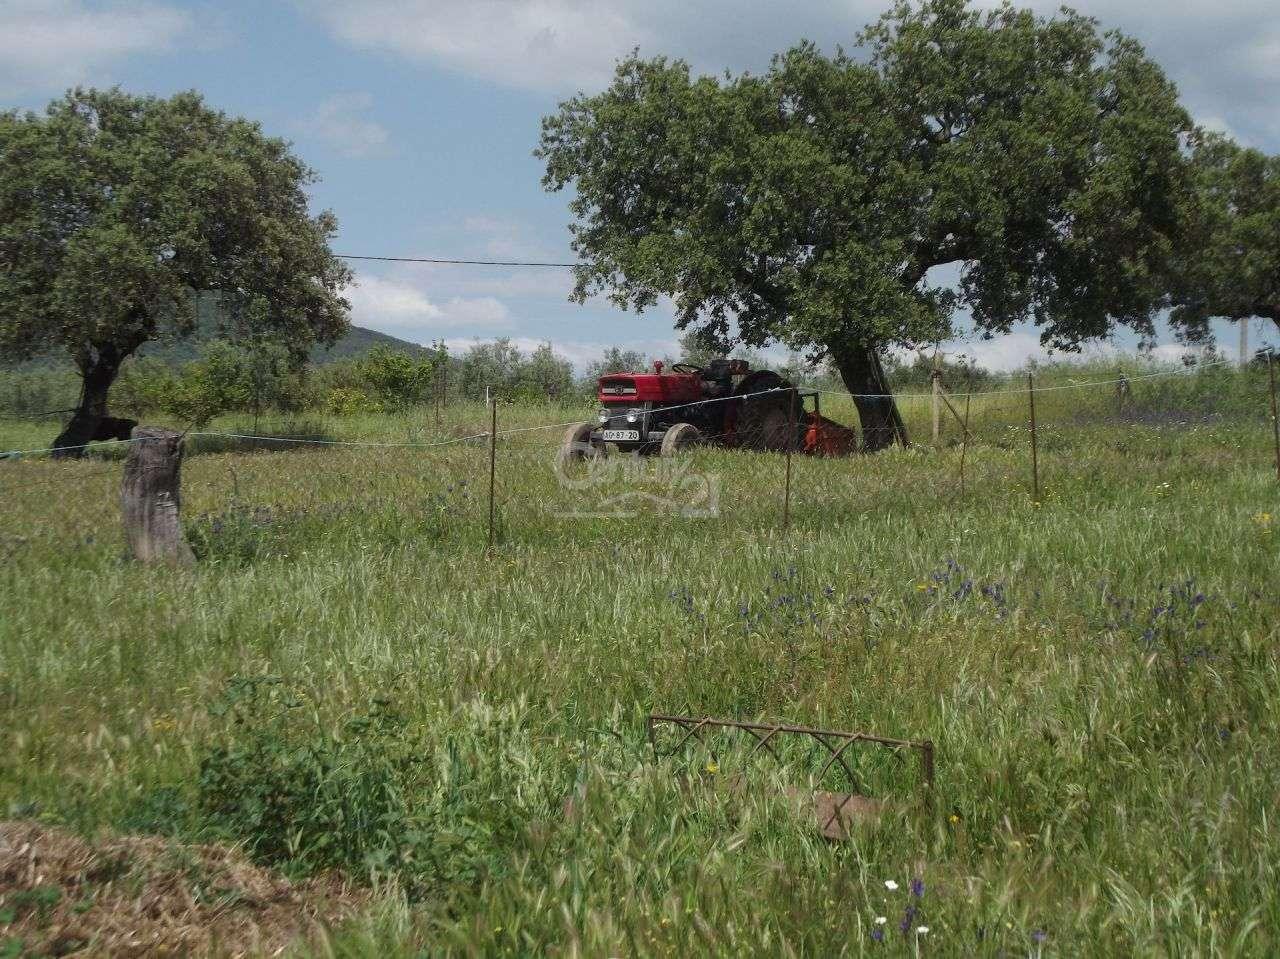 Quintas e herdades para comprar, Vila Nova de São Bento e Vale de Vargo, Serpa, Beja - Foto 4